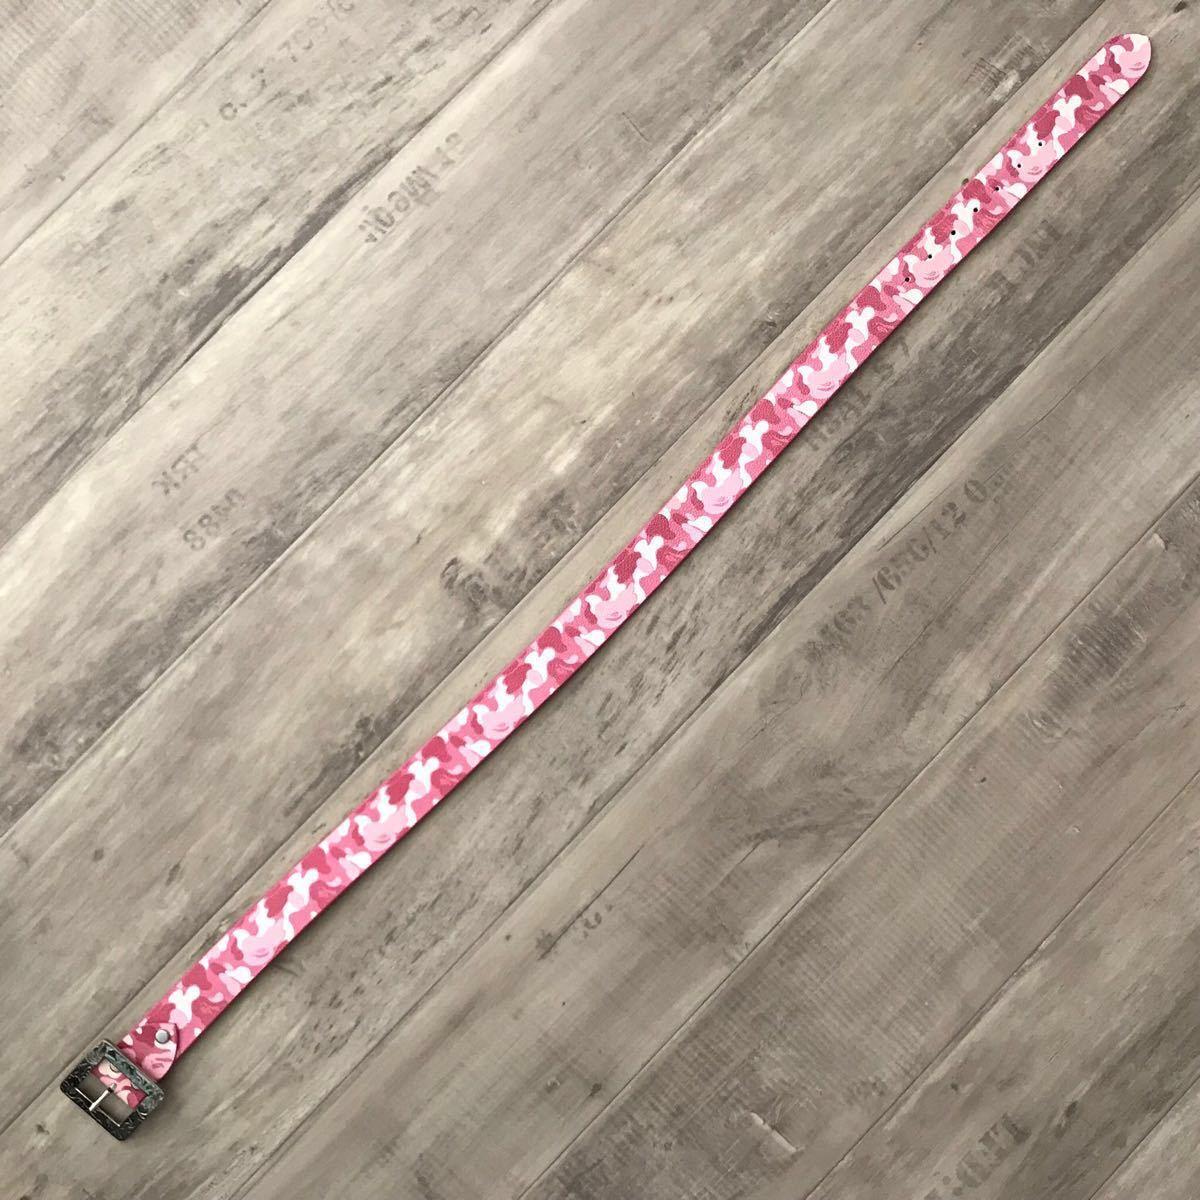 ABC camo pink レザー ベルト a bathing ape bape エイプ ベイプ アベイシングエイプ nigo 裏原宿 belt ABCカモ nigo ピンク